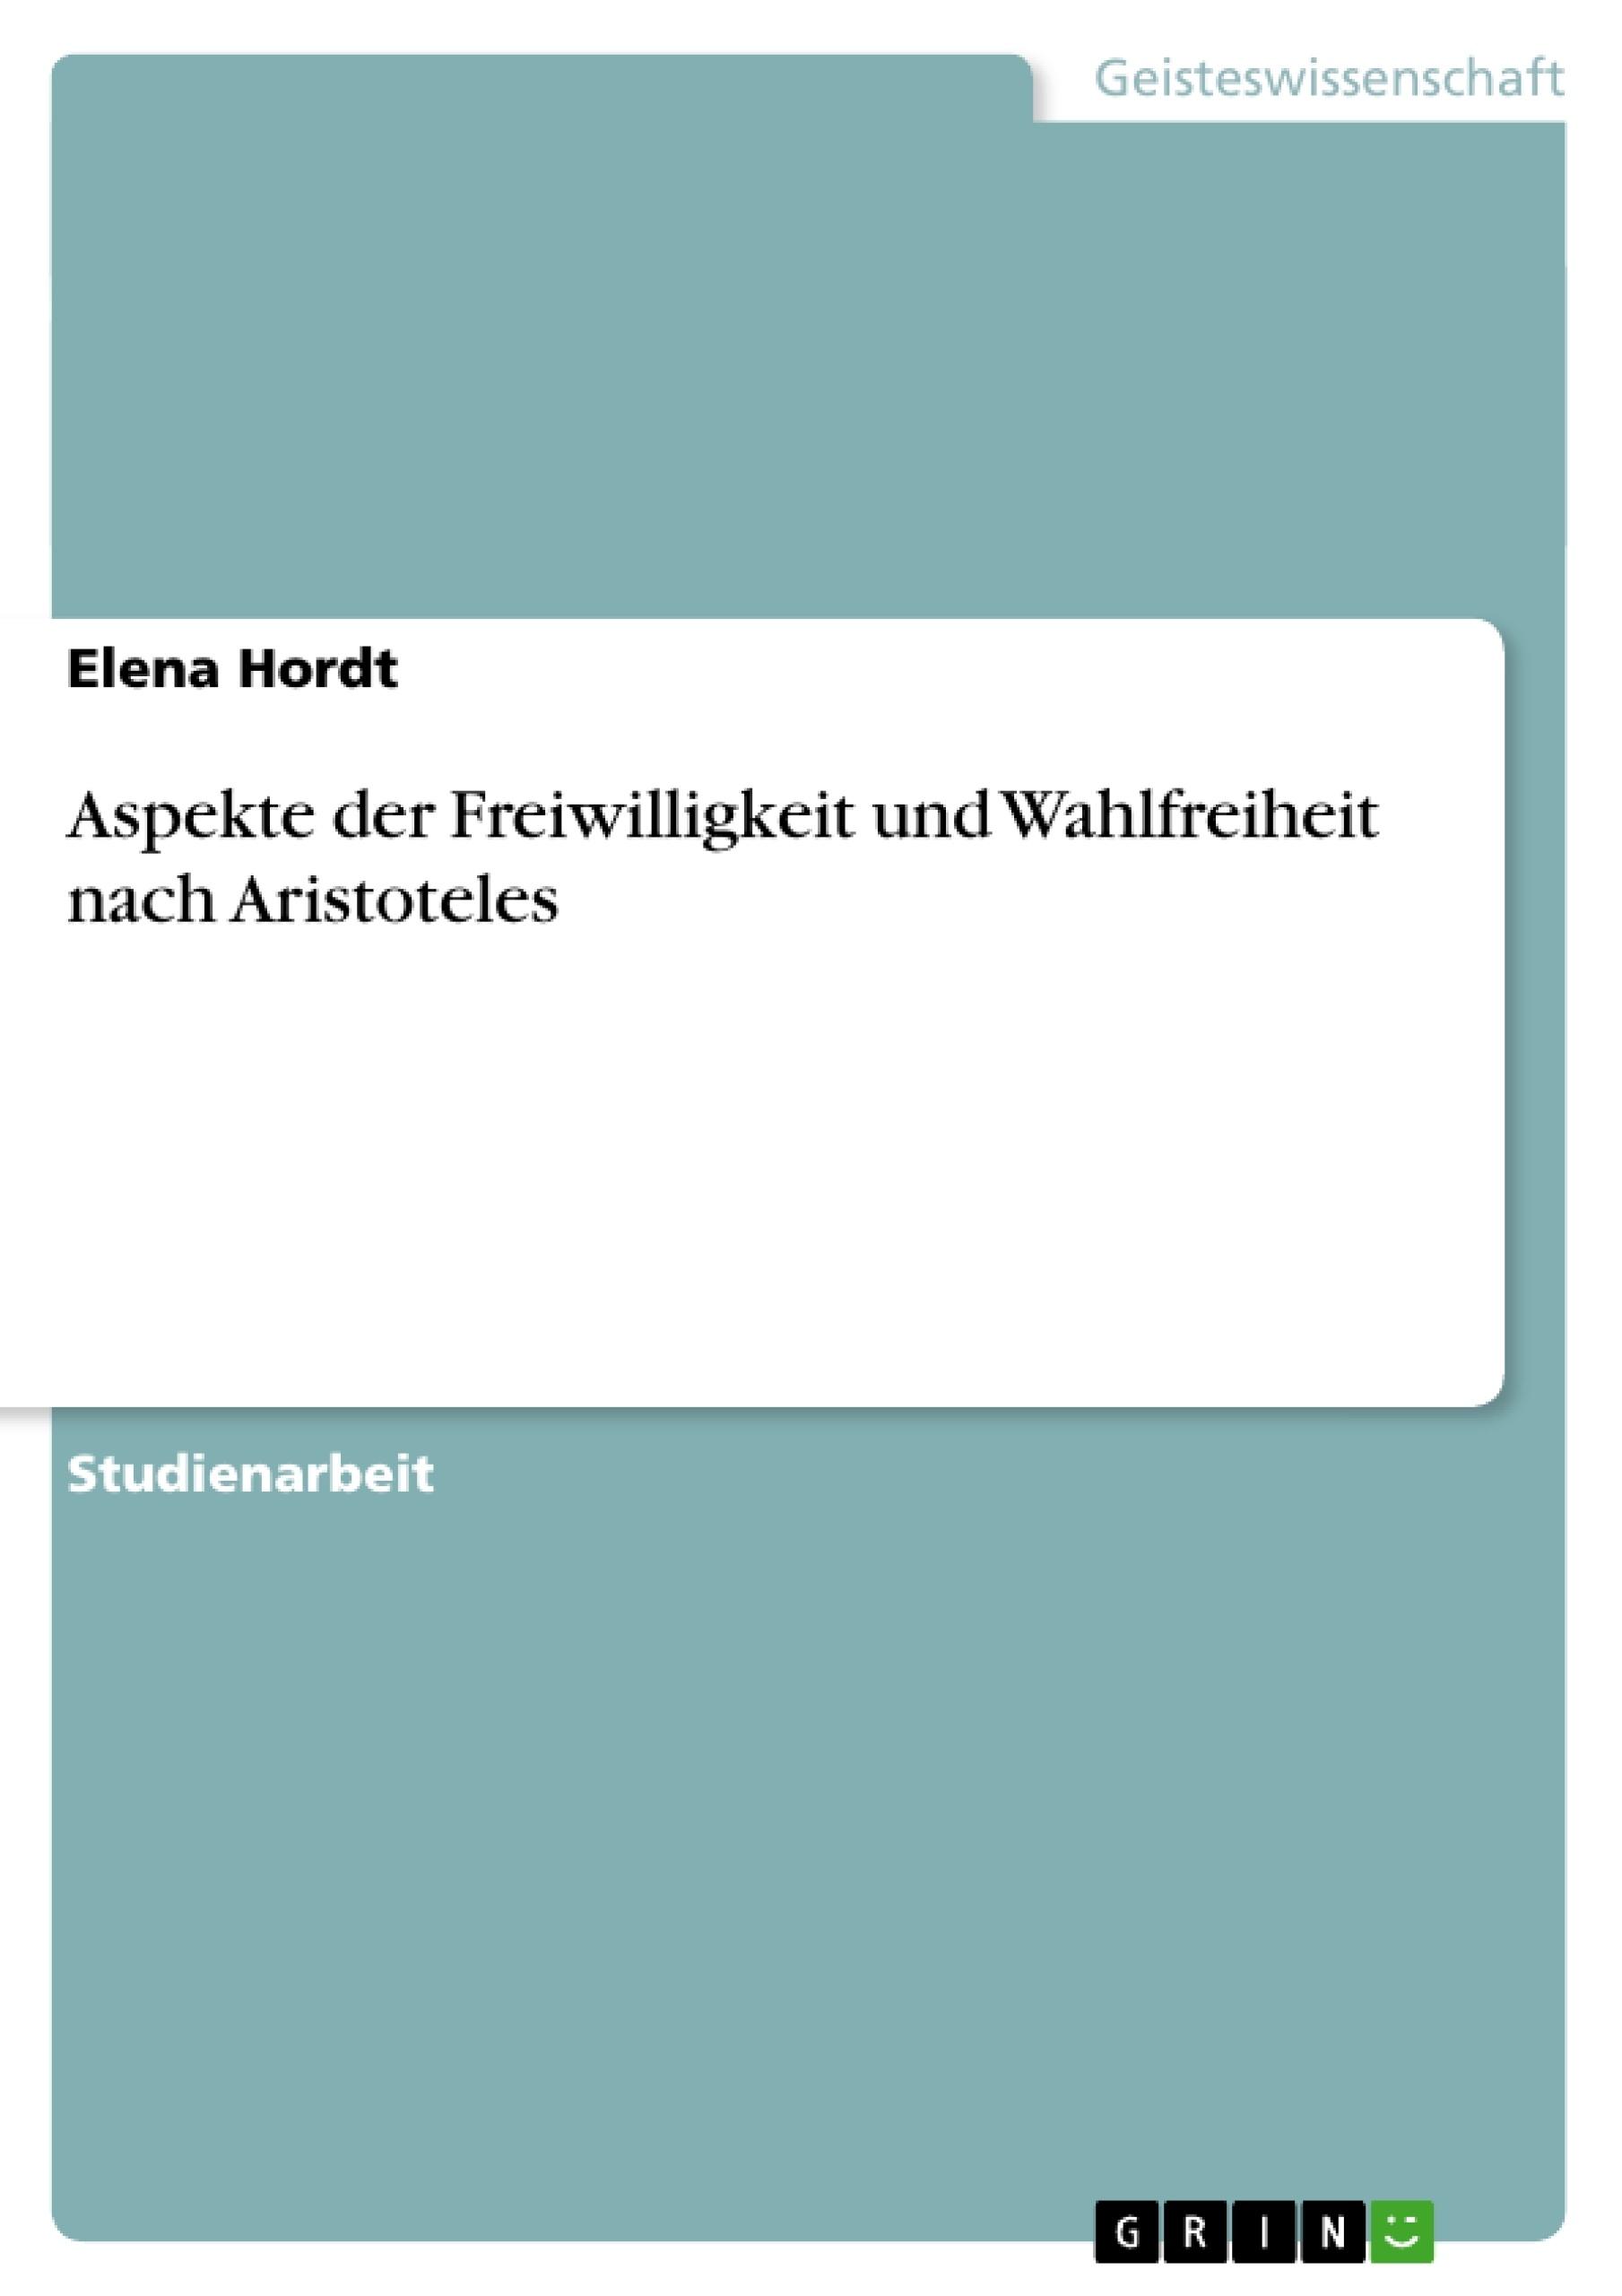 Titel: Aspekte der Freiwilligkeit und Wahlfreiheit nach Aristoteles